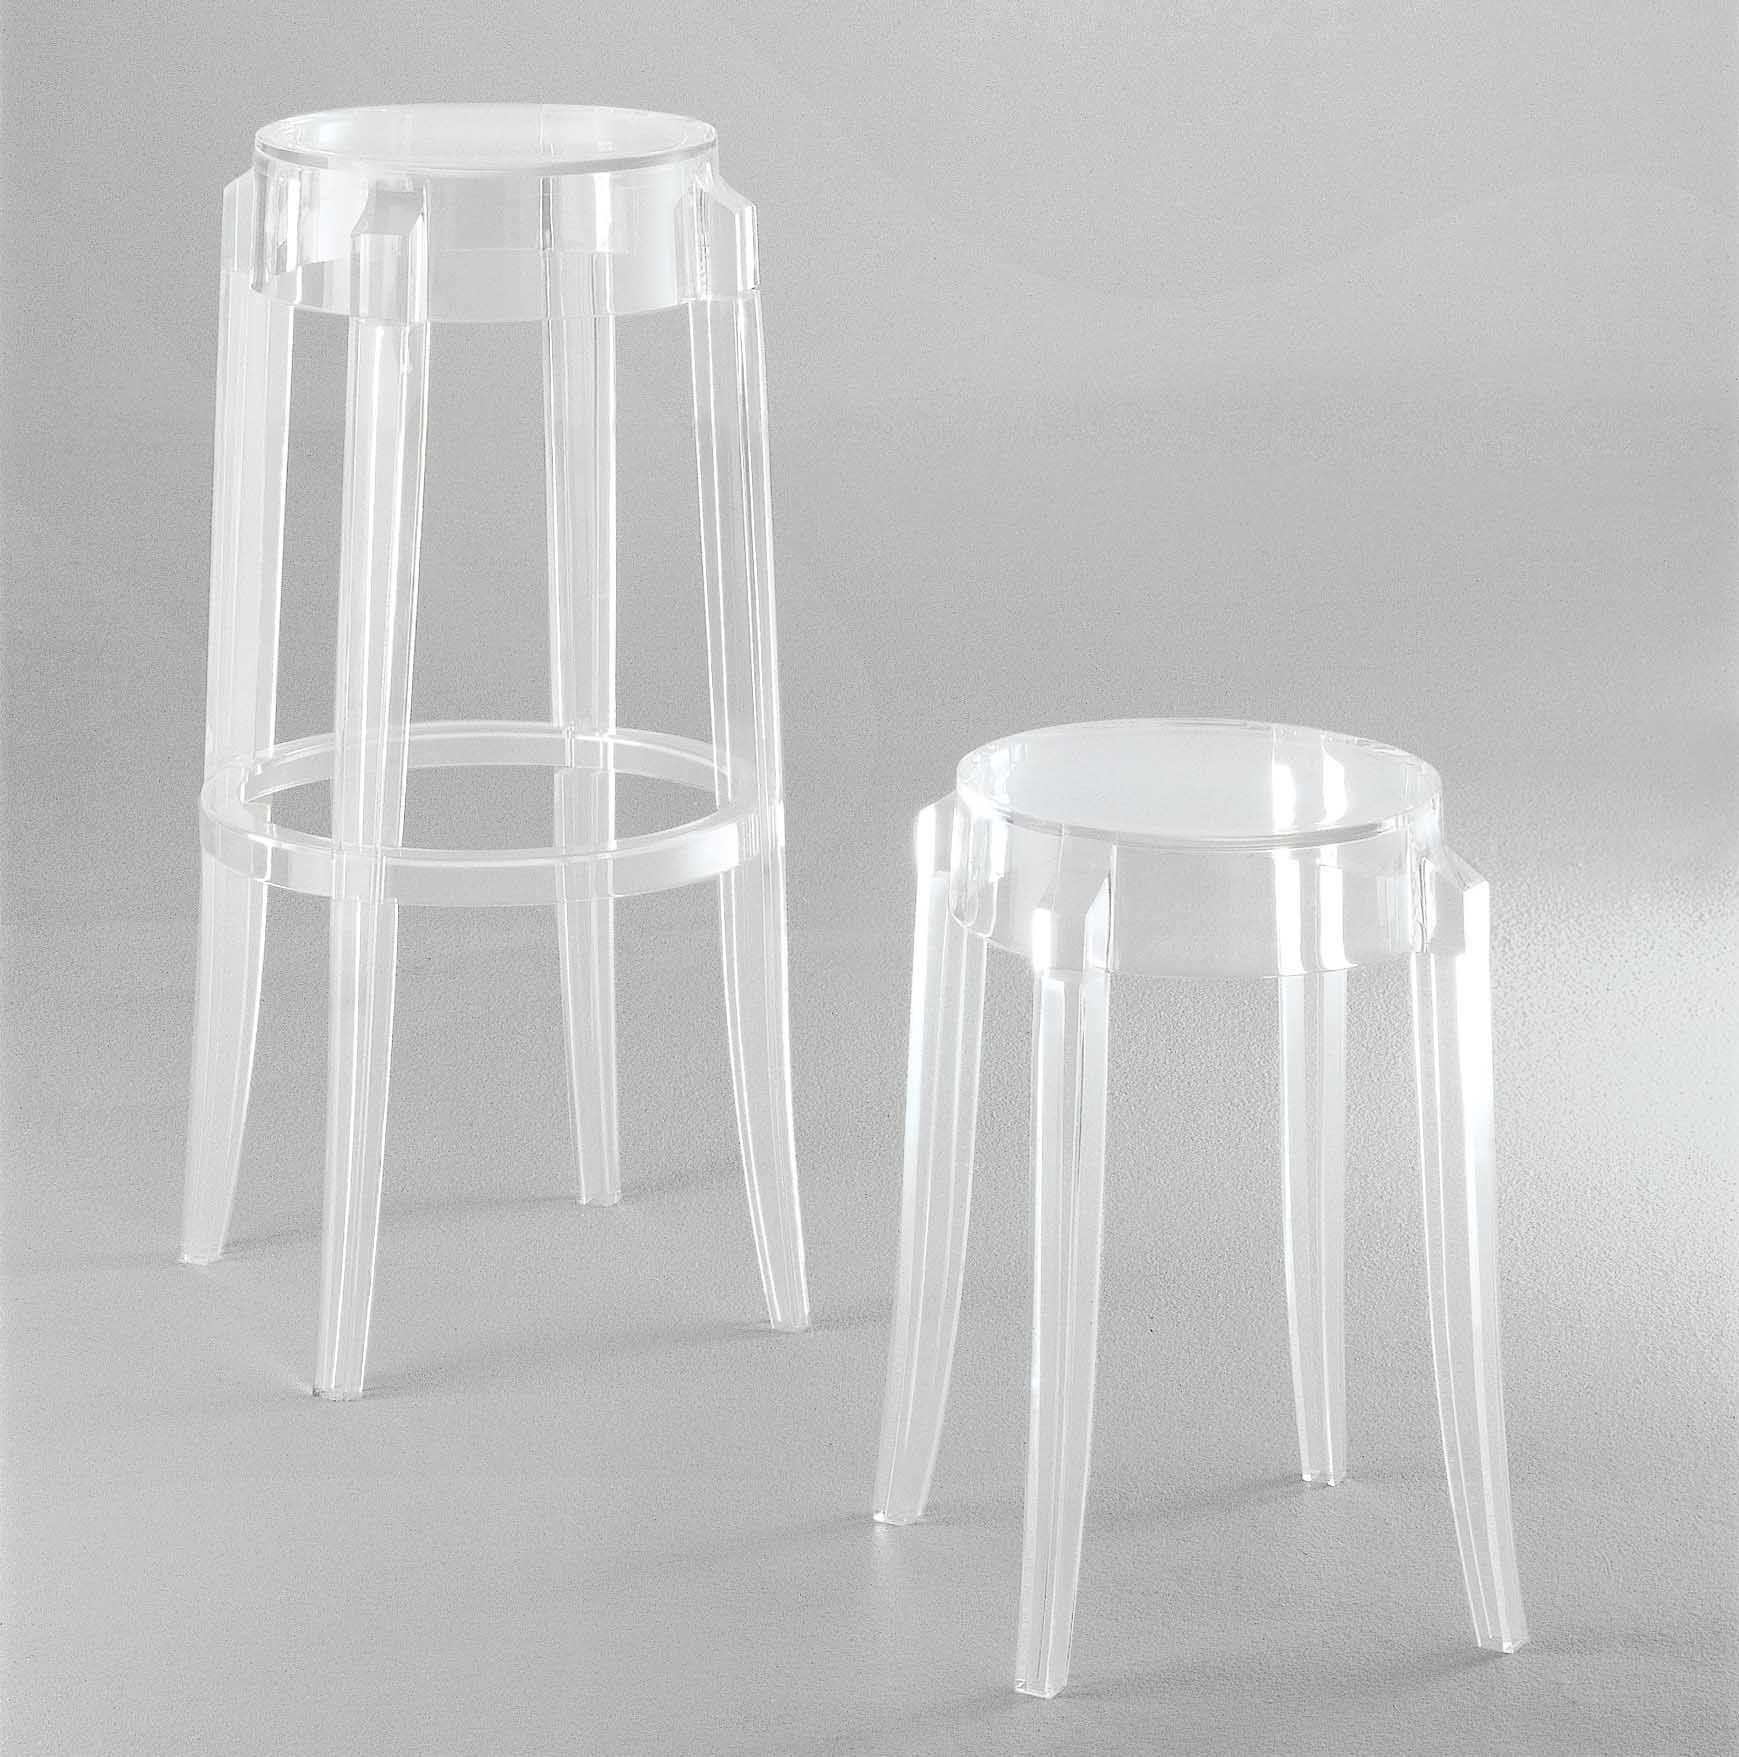 tabouret empilable charles ghost h 46 cm plastique. Black Bedroom Furniture Sets. Home Design Ideas